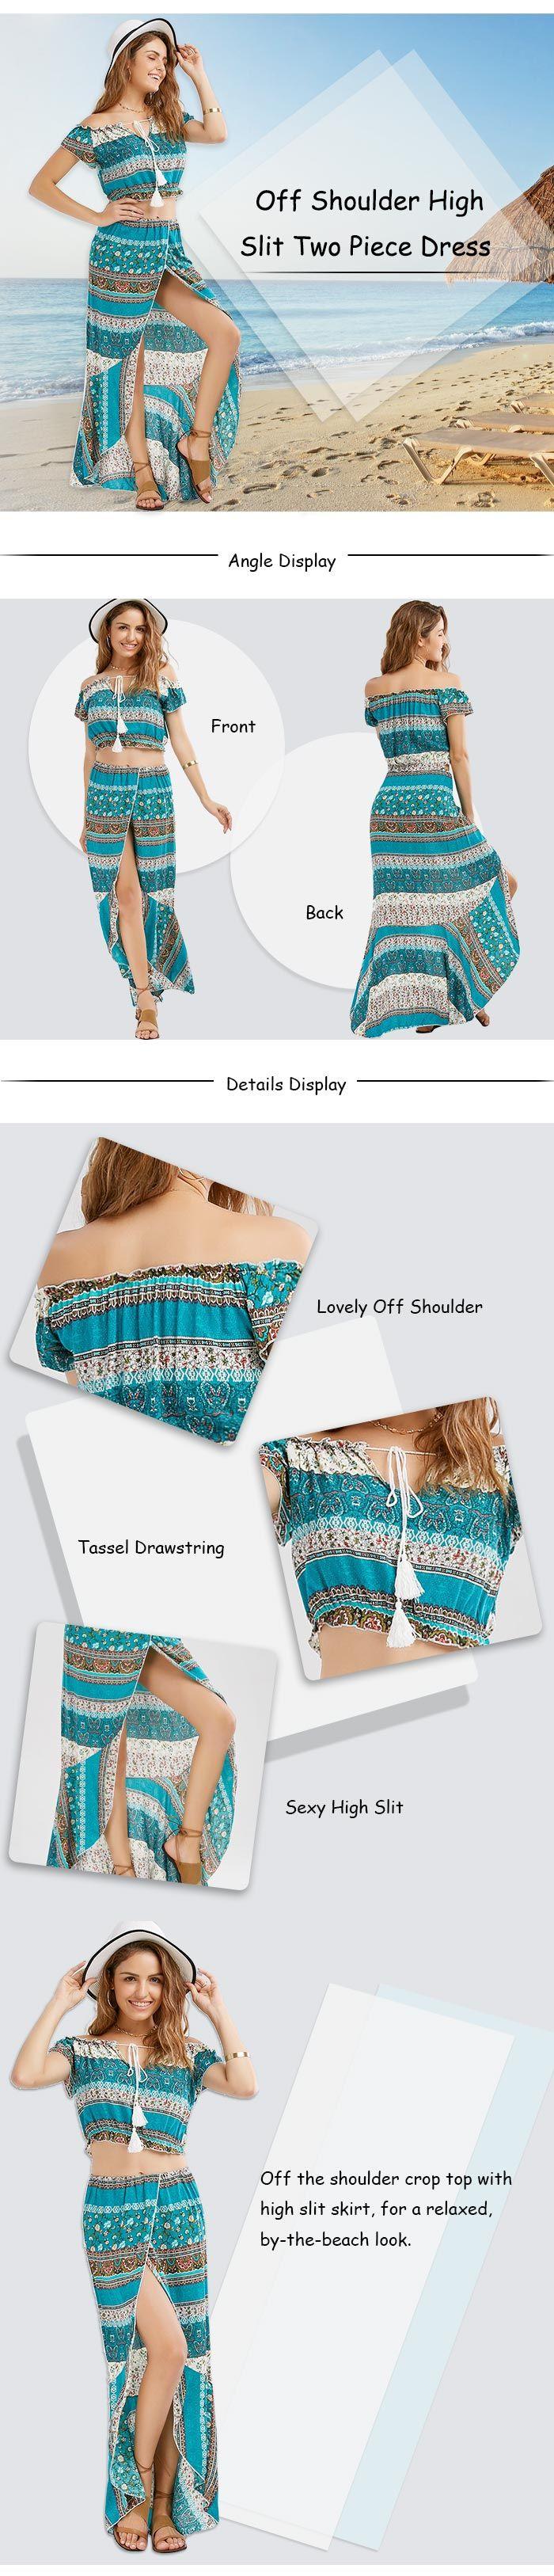 Off Shoulder High Slit Two Piece Dress